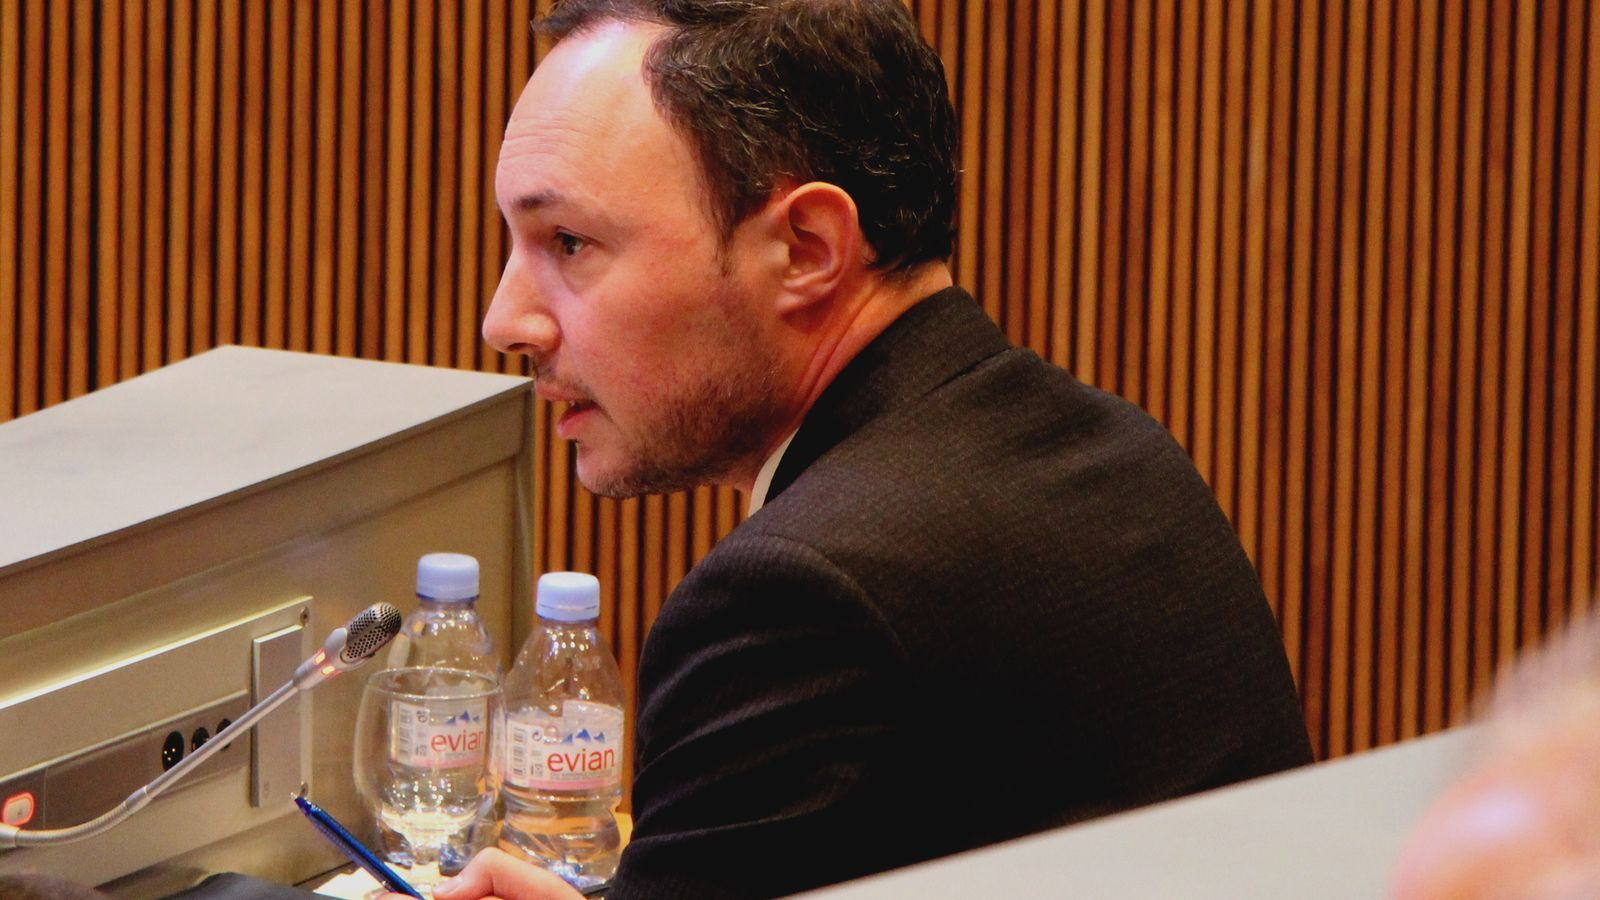 El ministre d'Afers Socials, Justícia i Interior, Xavier Espot, en el transcurs de la sessió parlamentària d'aquest dijous. / M. R. F. (ANA)